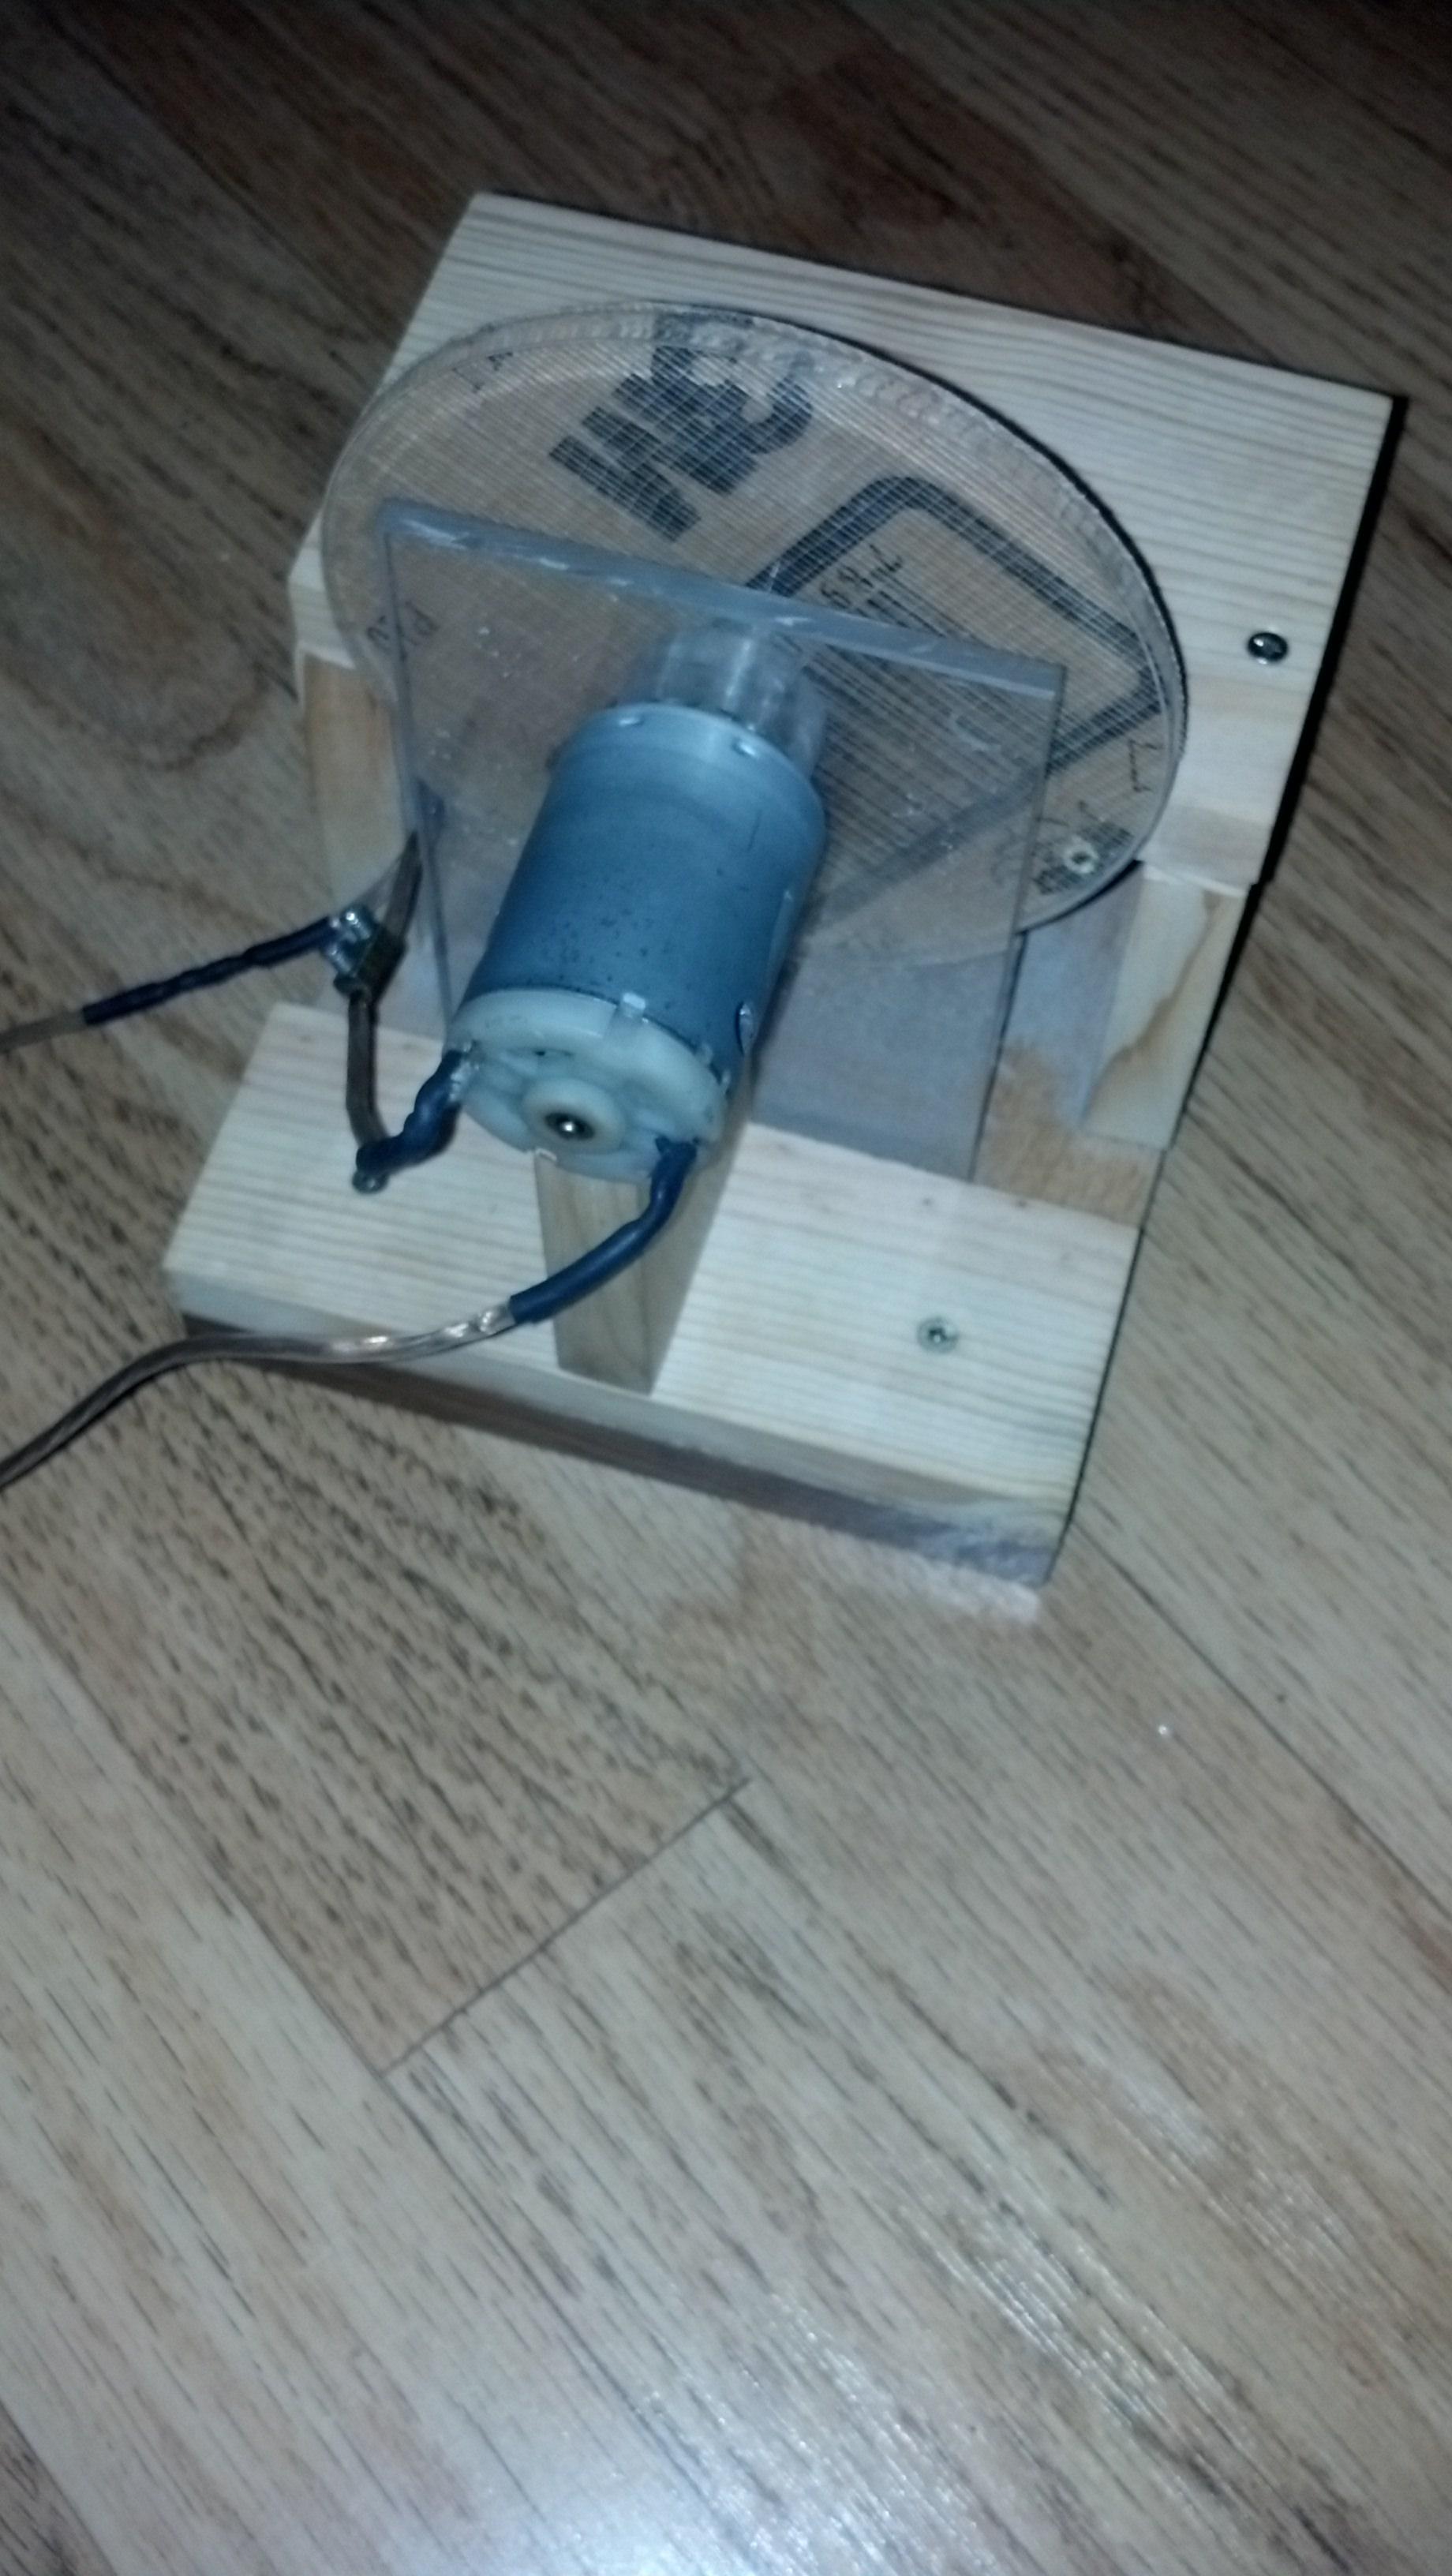 Jak dobra� silnik elektryczny do szlifierki sto�owej